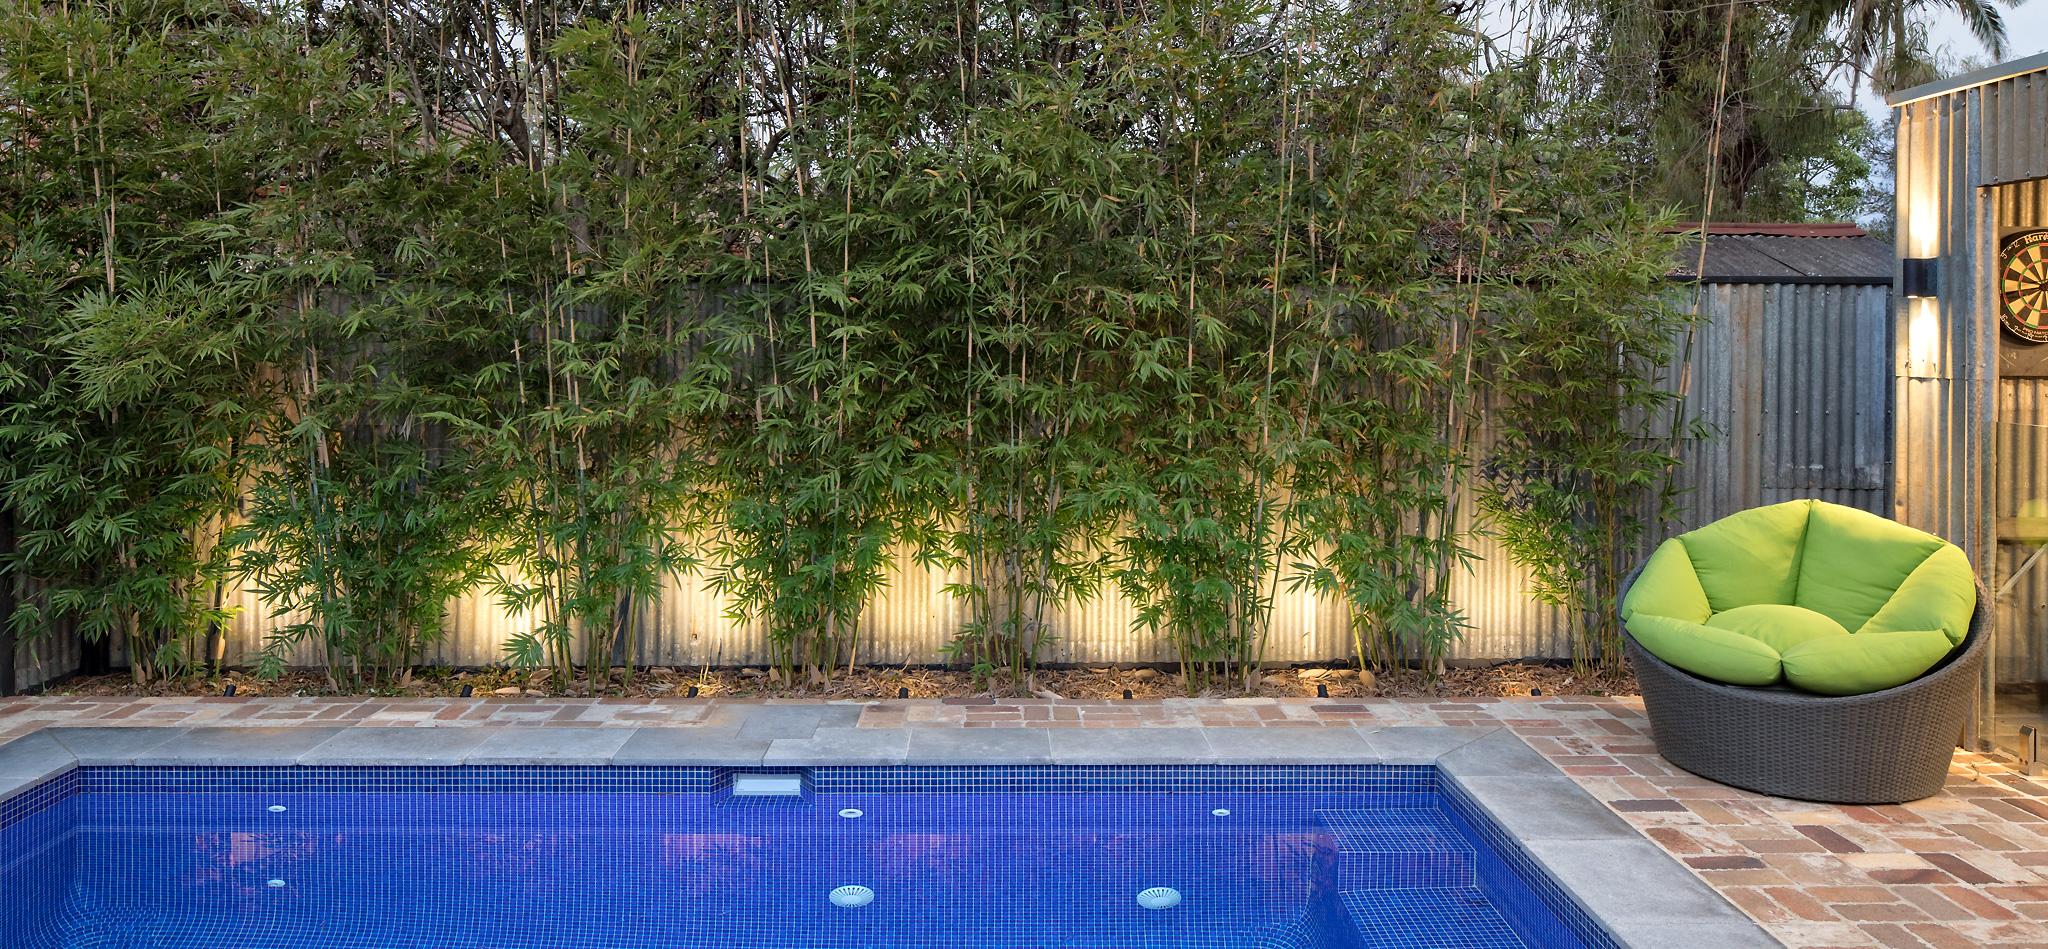 bamboo-crop